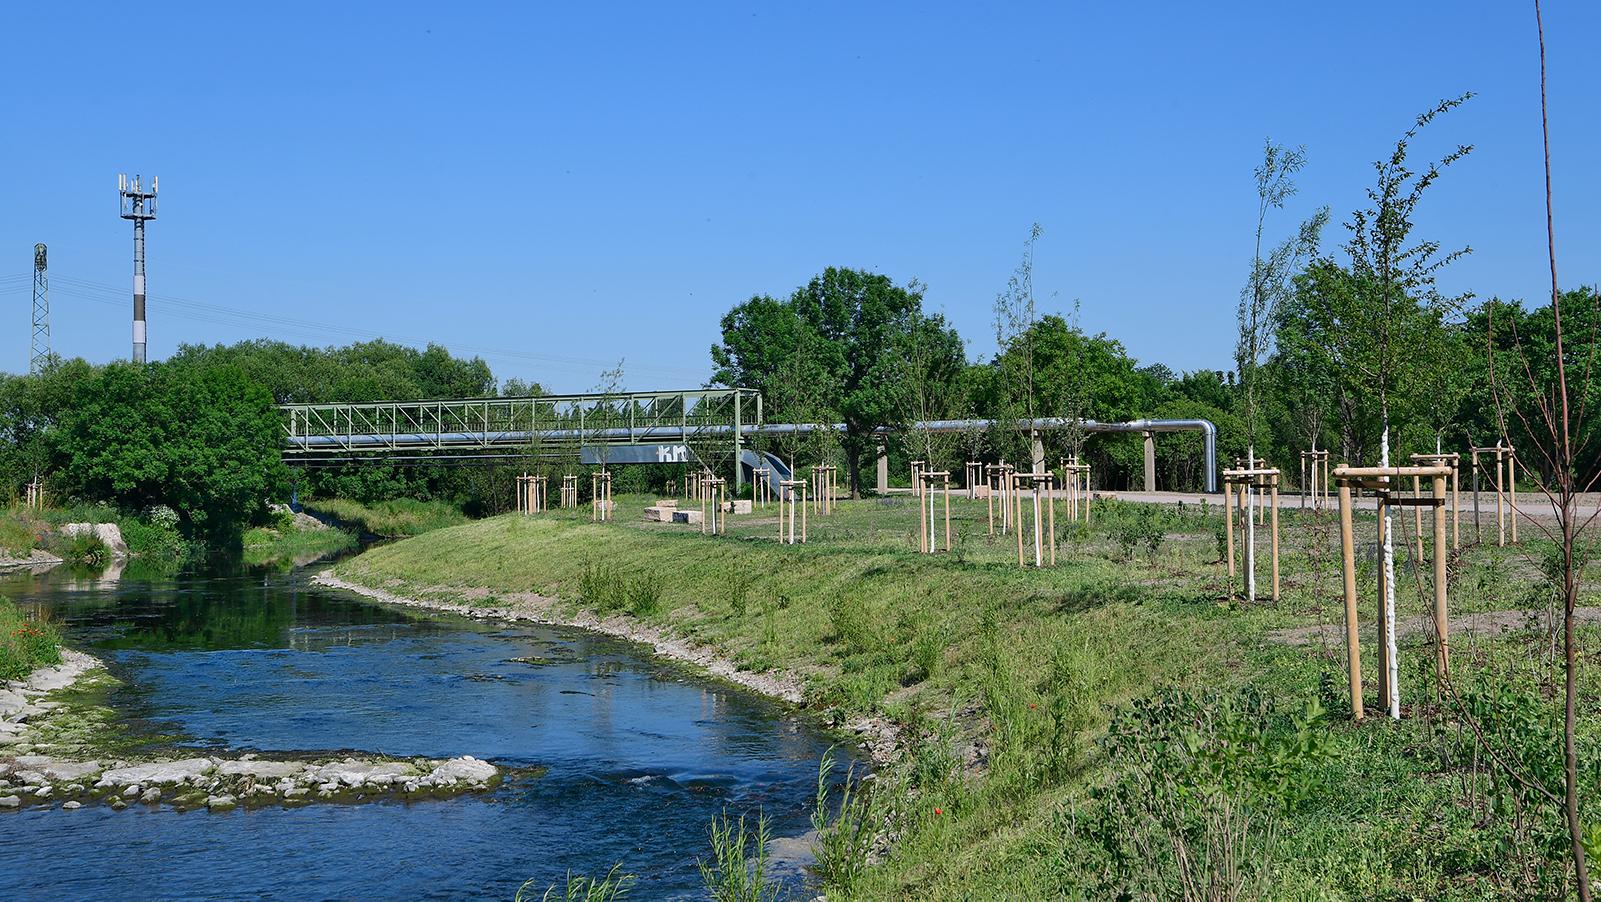 Brücke Gispersleben mit Park